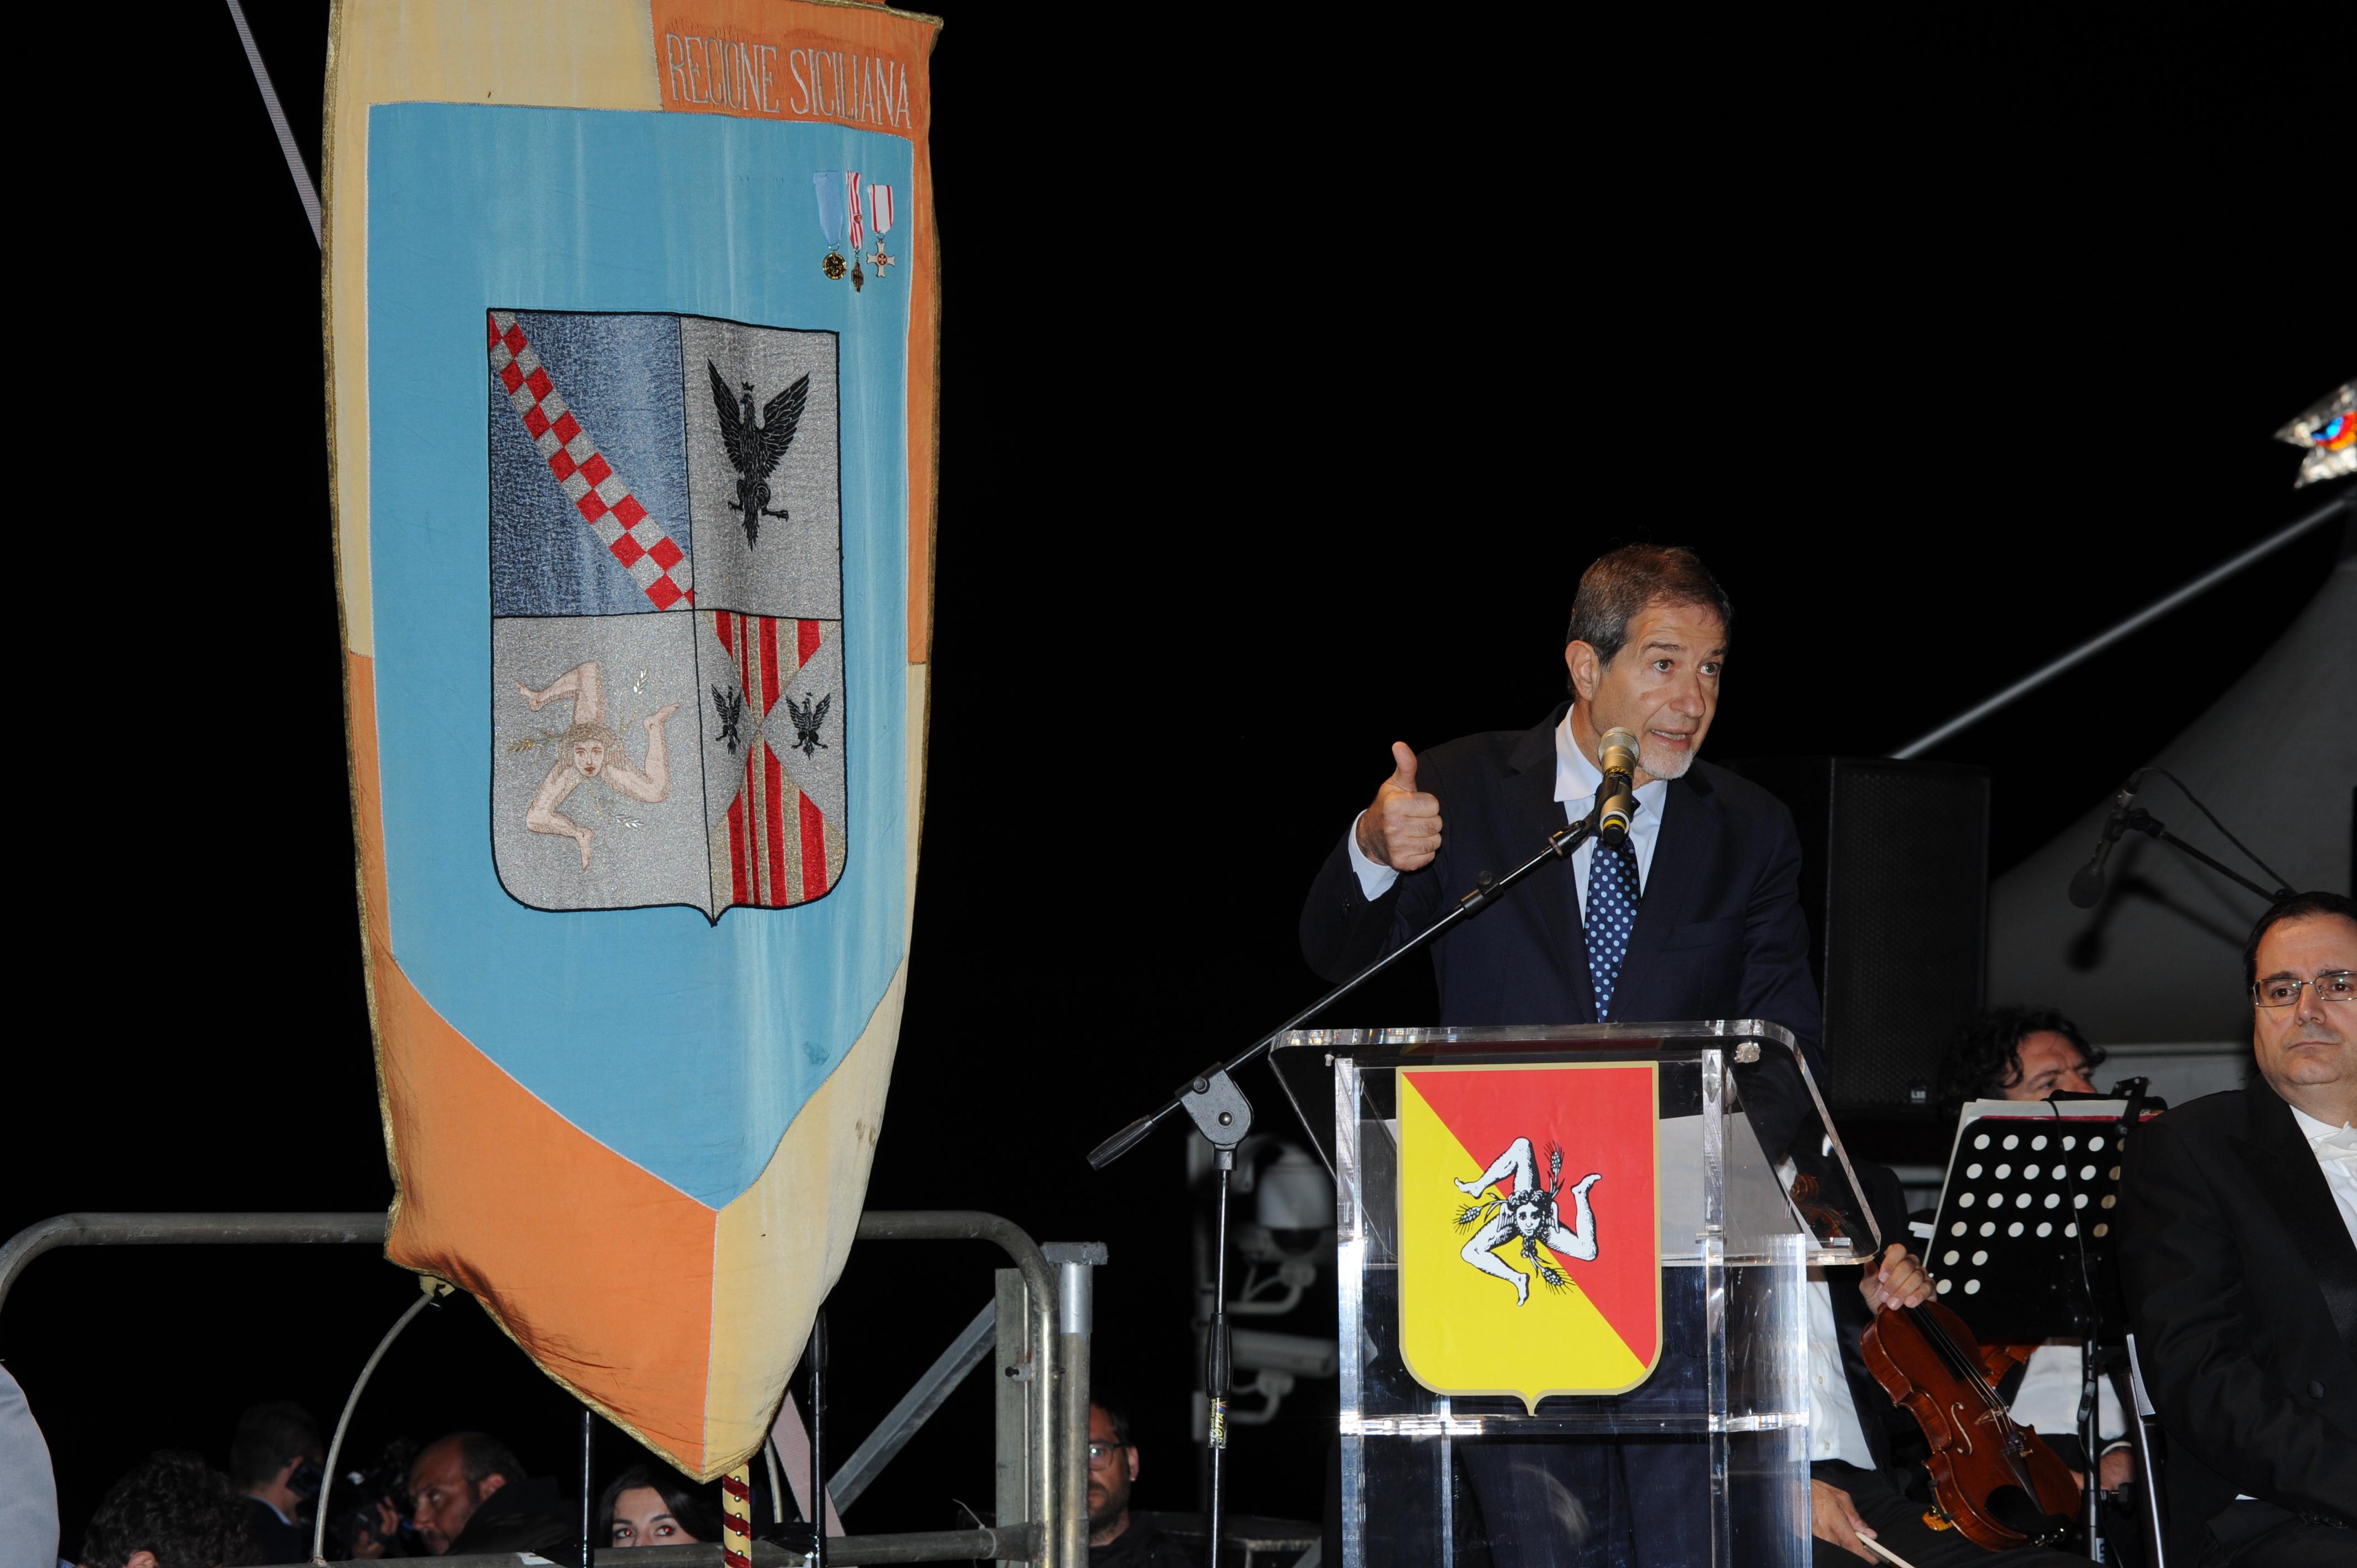 72esimo Anniversario dell'Autonomia Siciliana - immagine 4